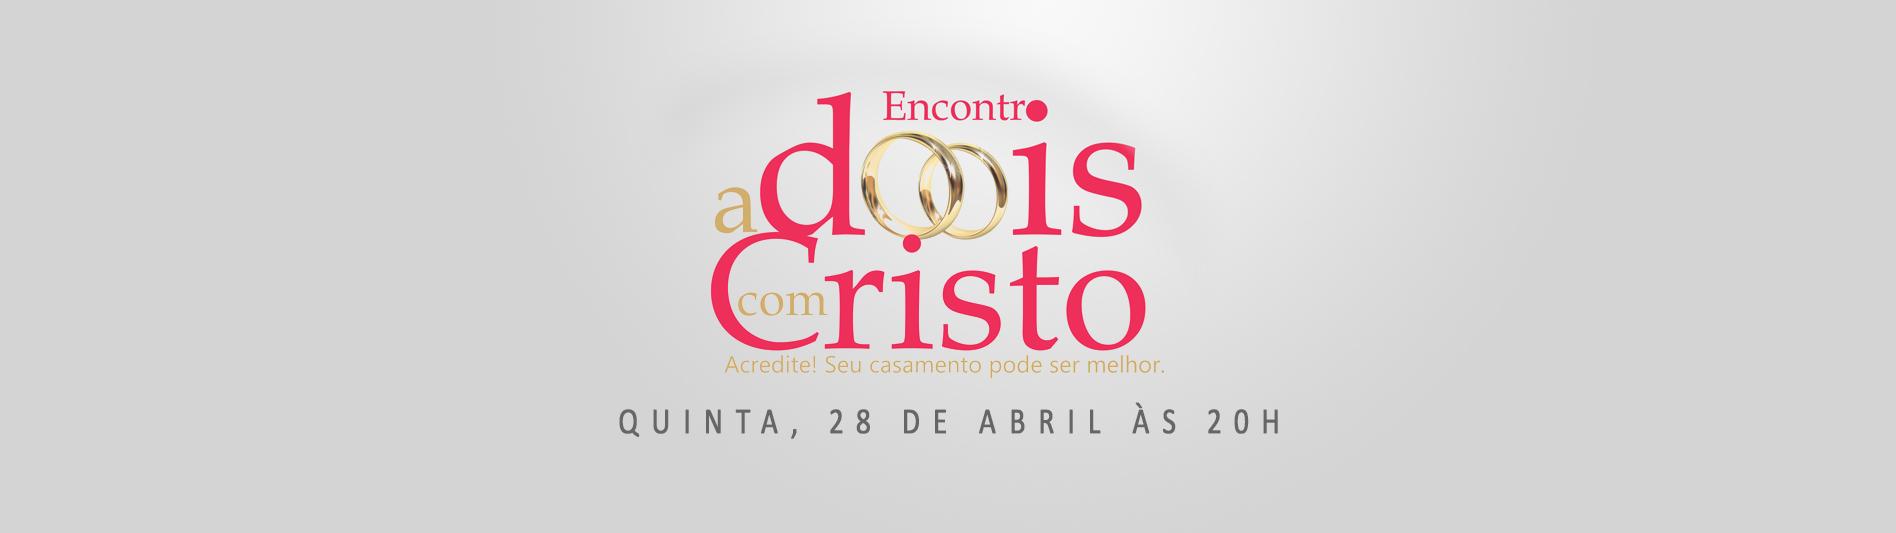 Encontro a Dois com Cristo